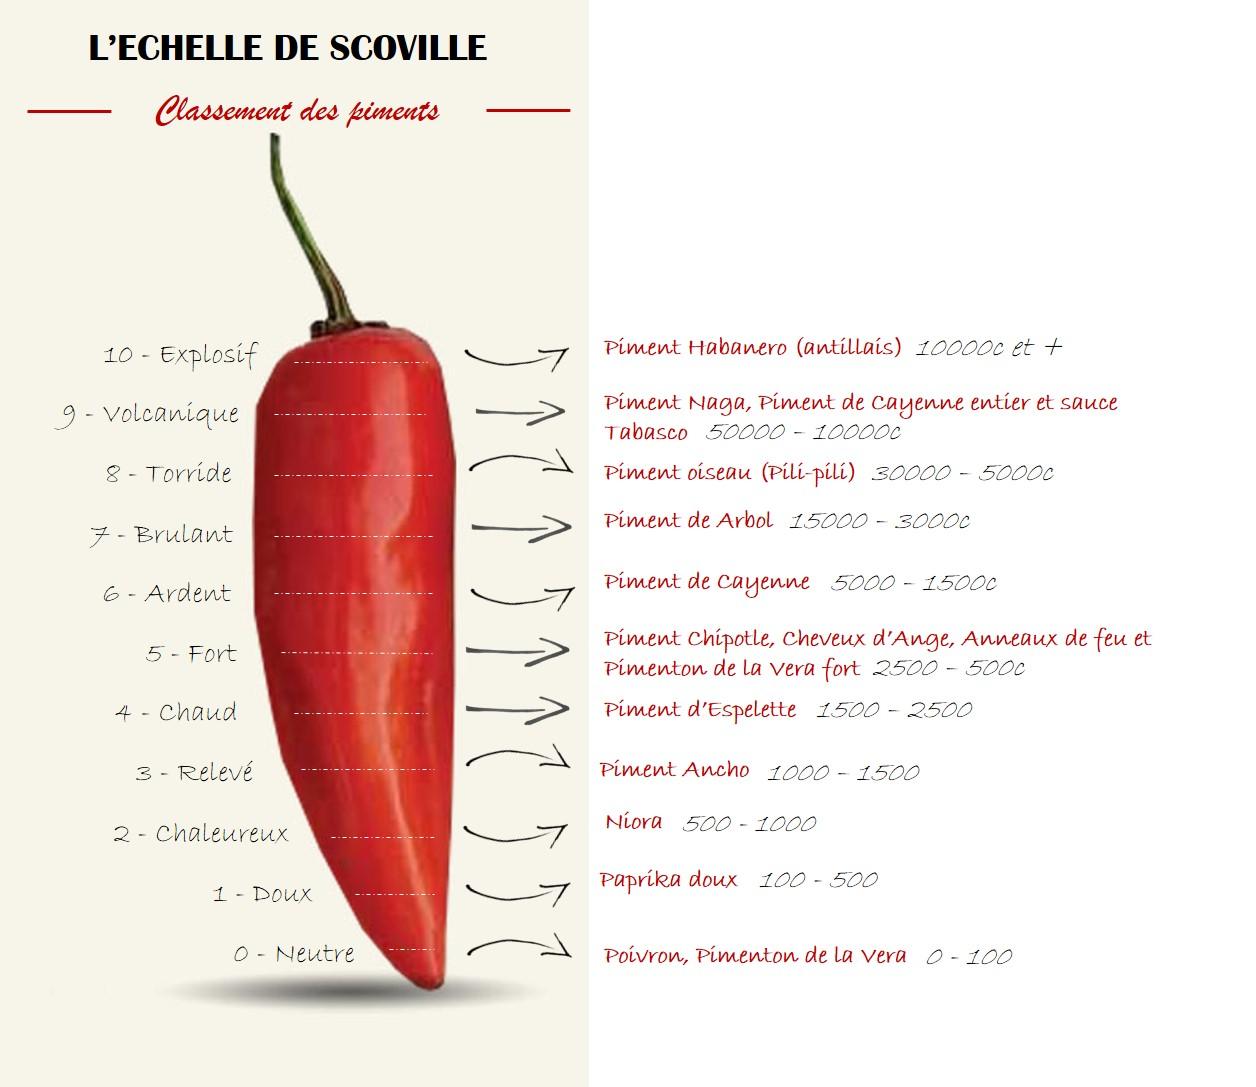 échelle de scoville - classement des piments - épices du monde